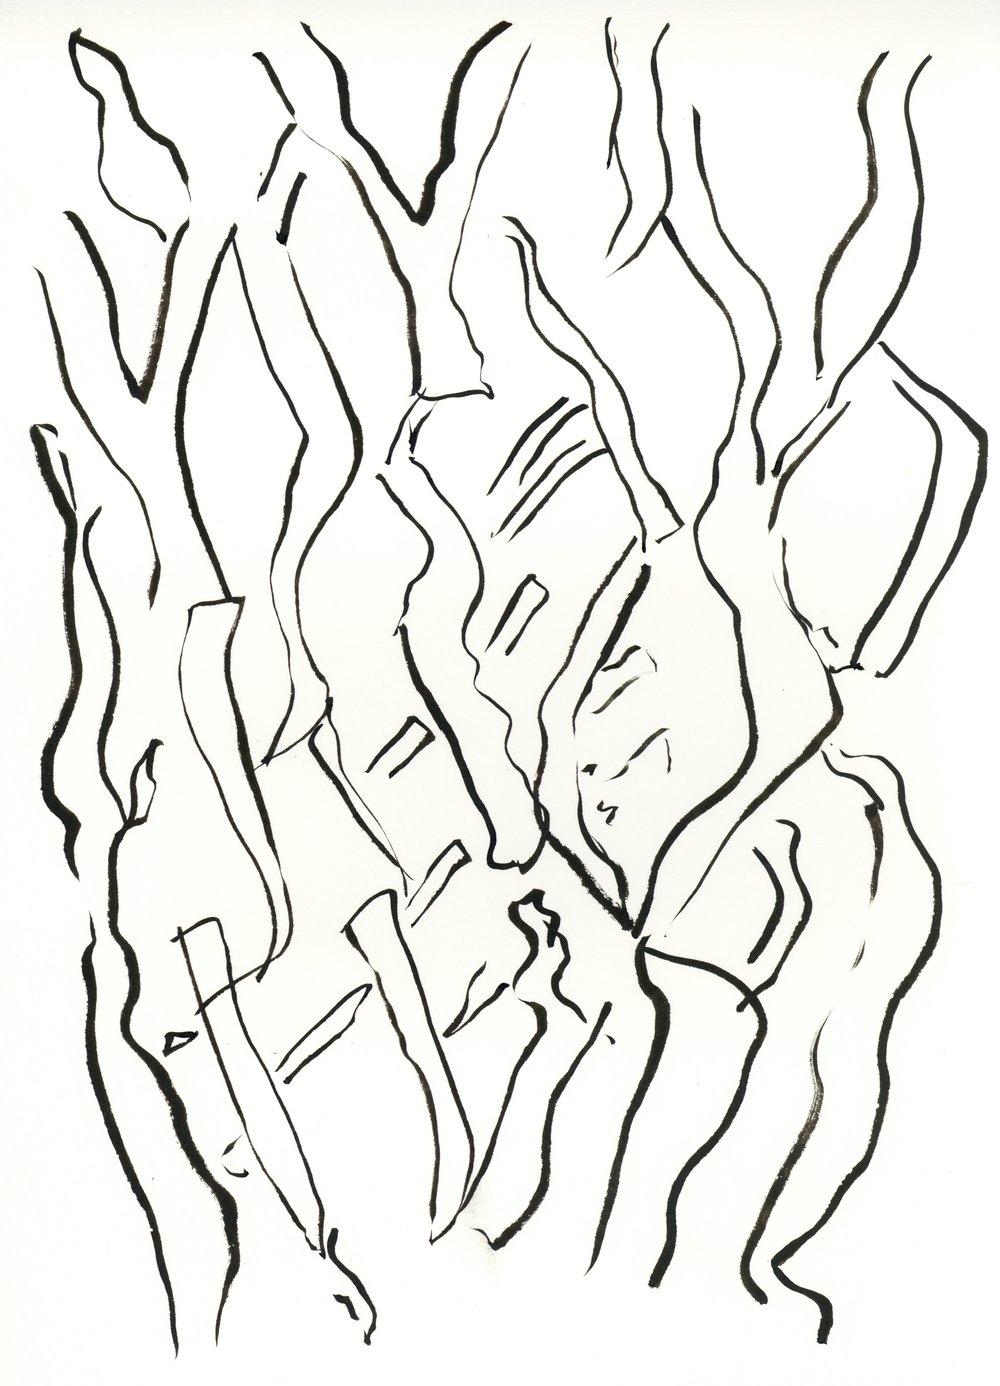 kate lewis art.tree sketch.JPG